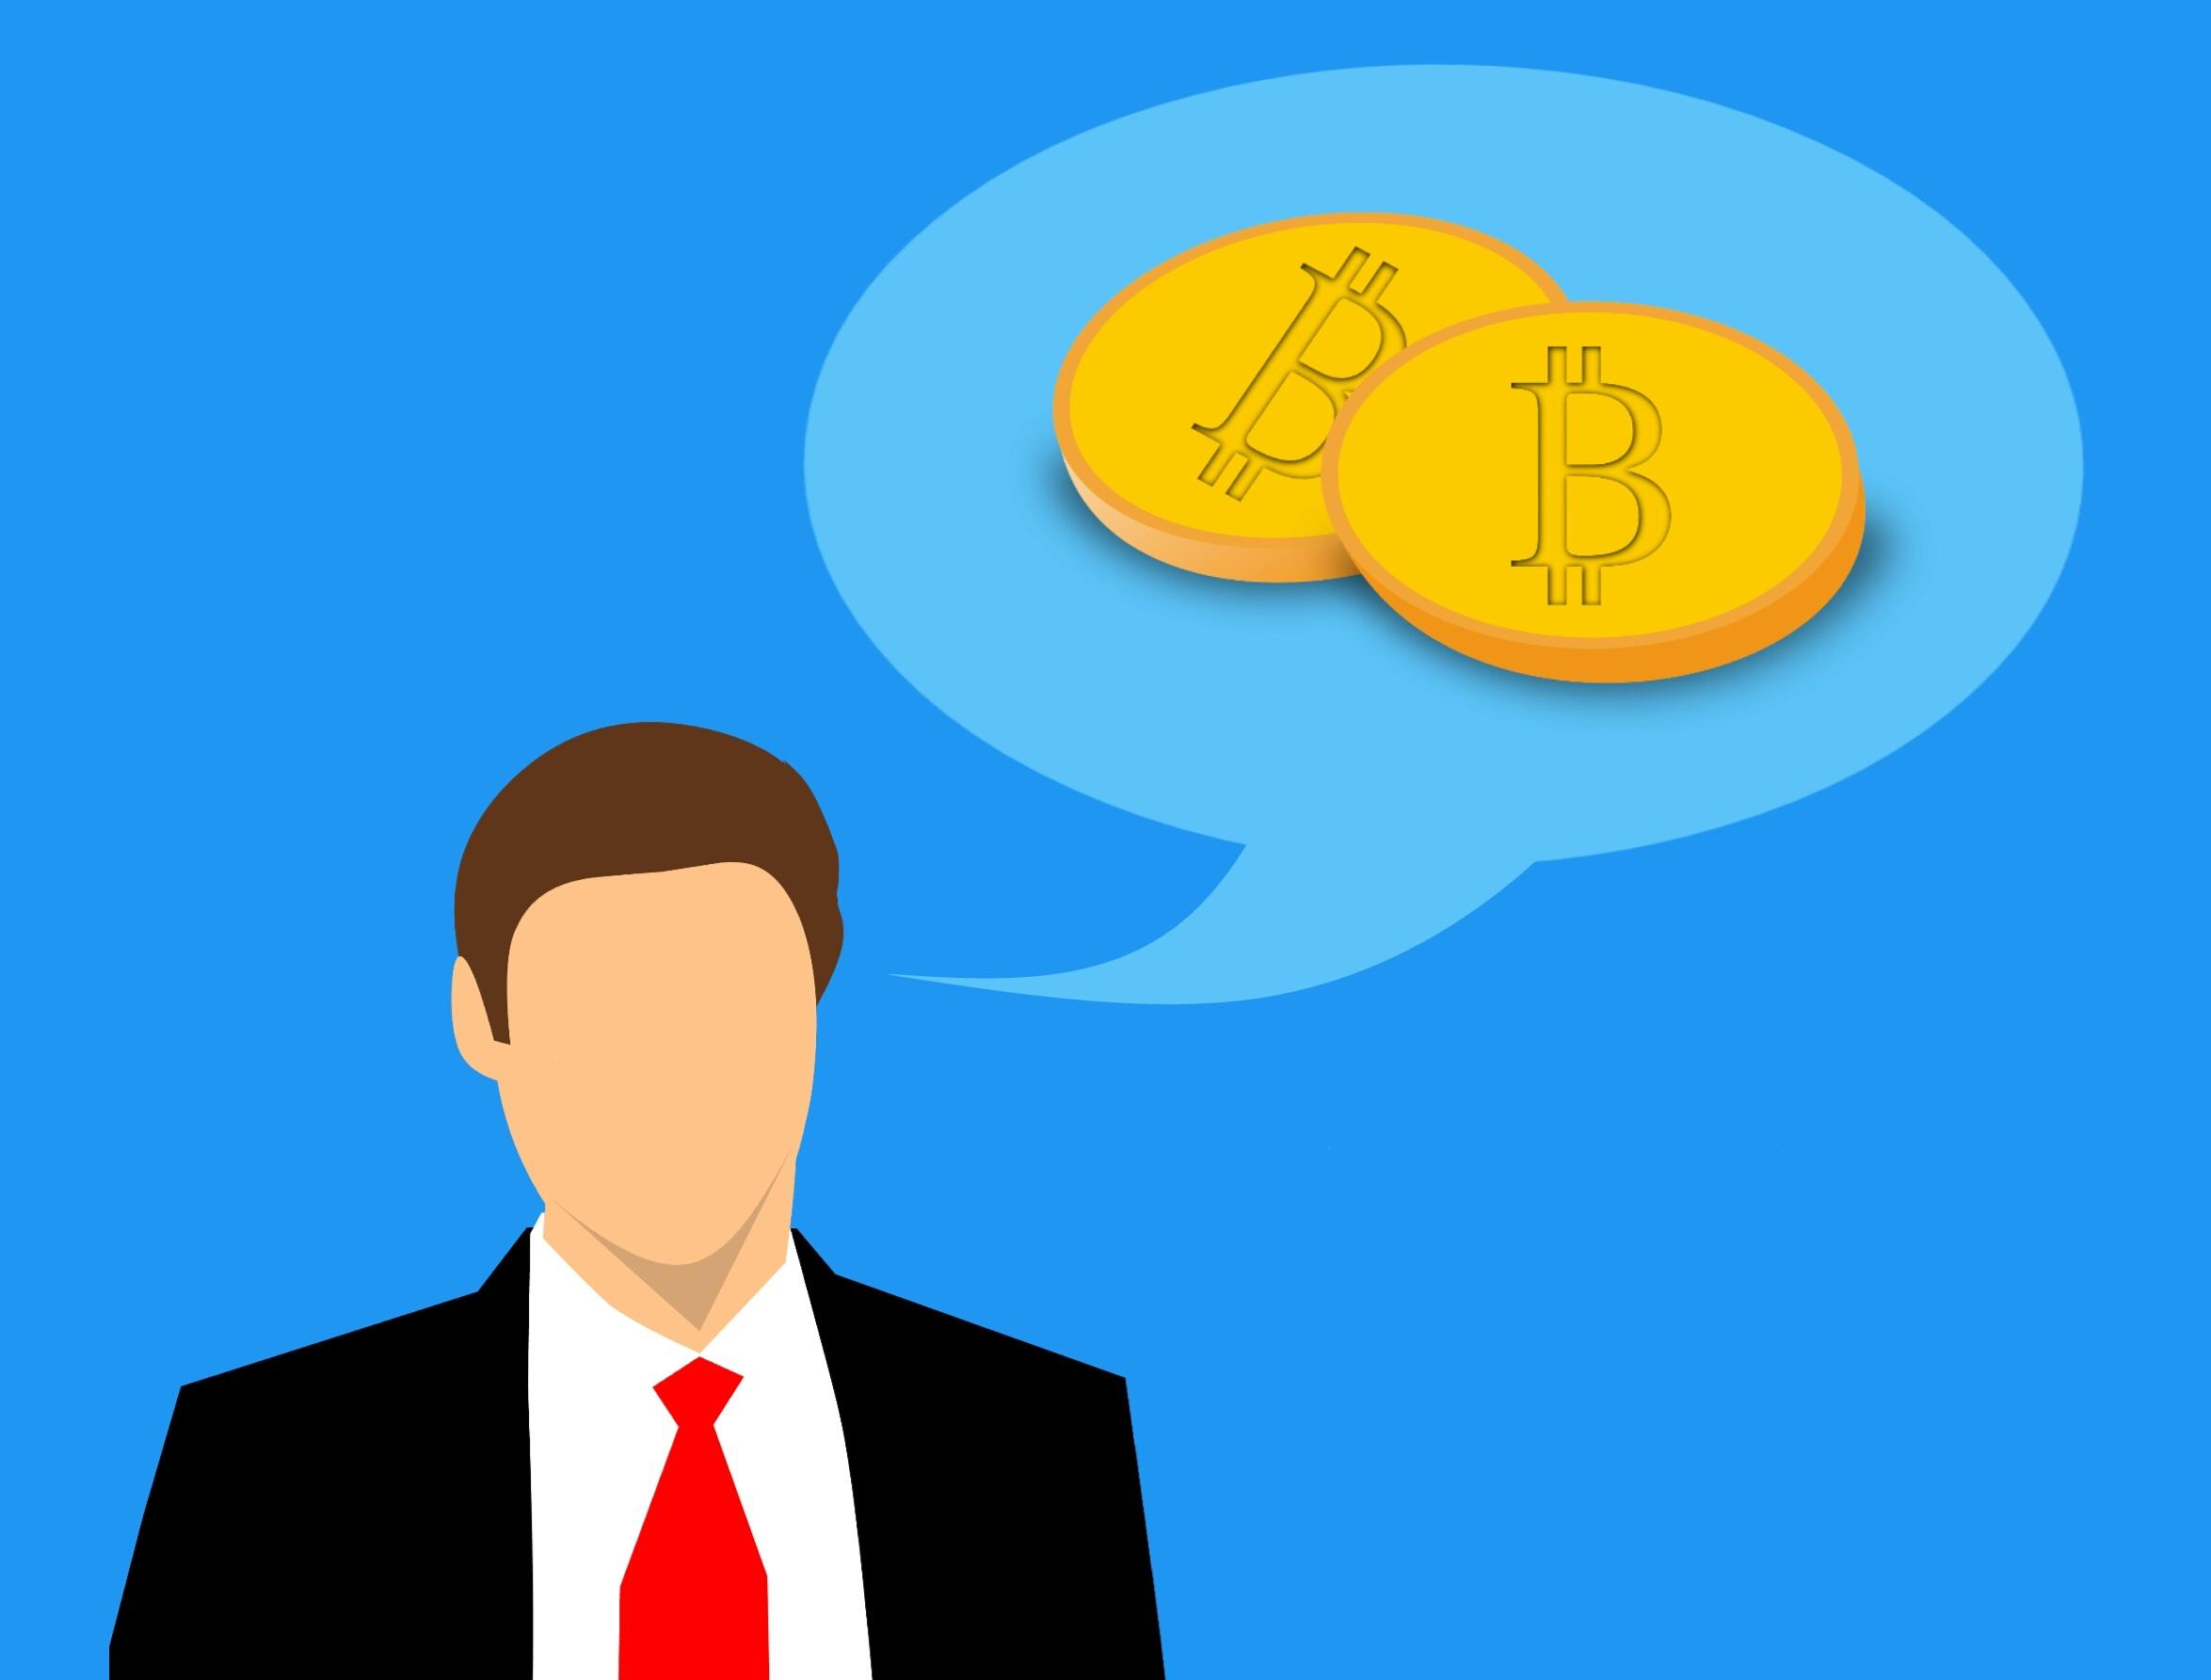 Gambar Bitcoin Investasi Berpikir Uang Money Thought